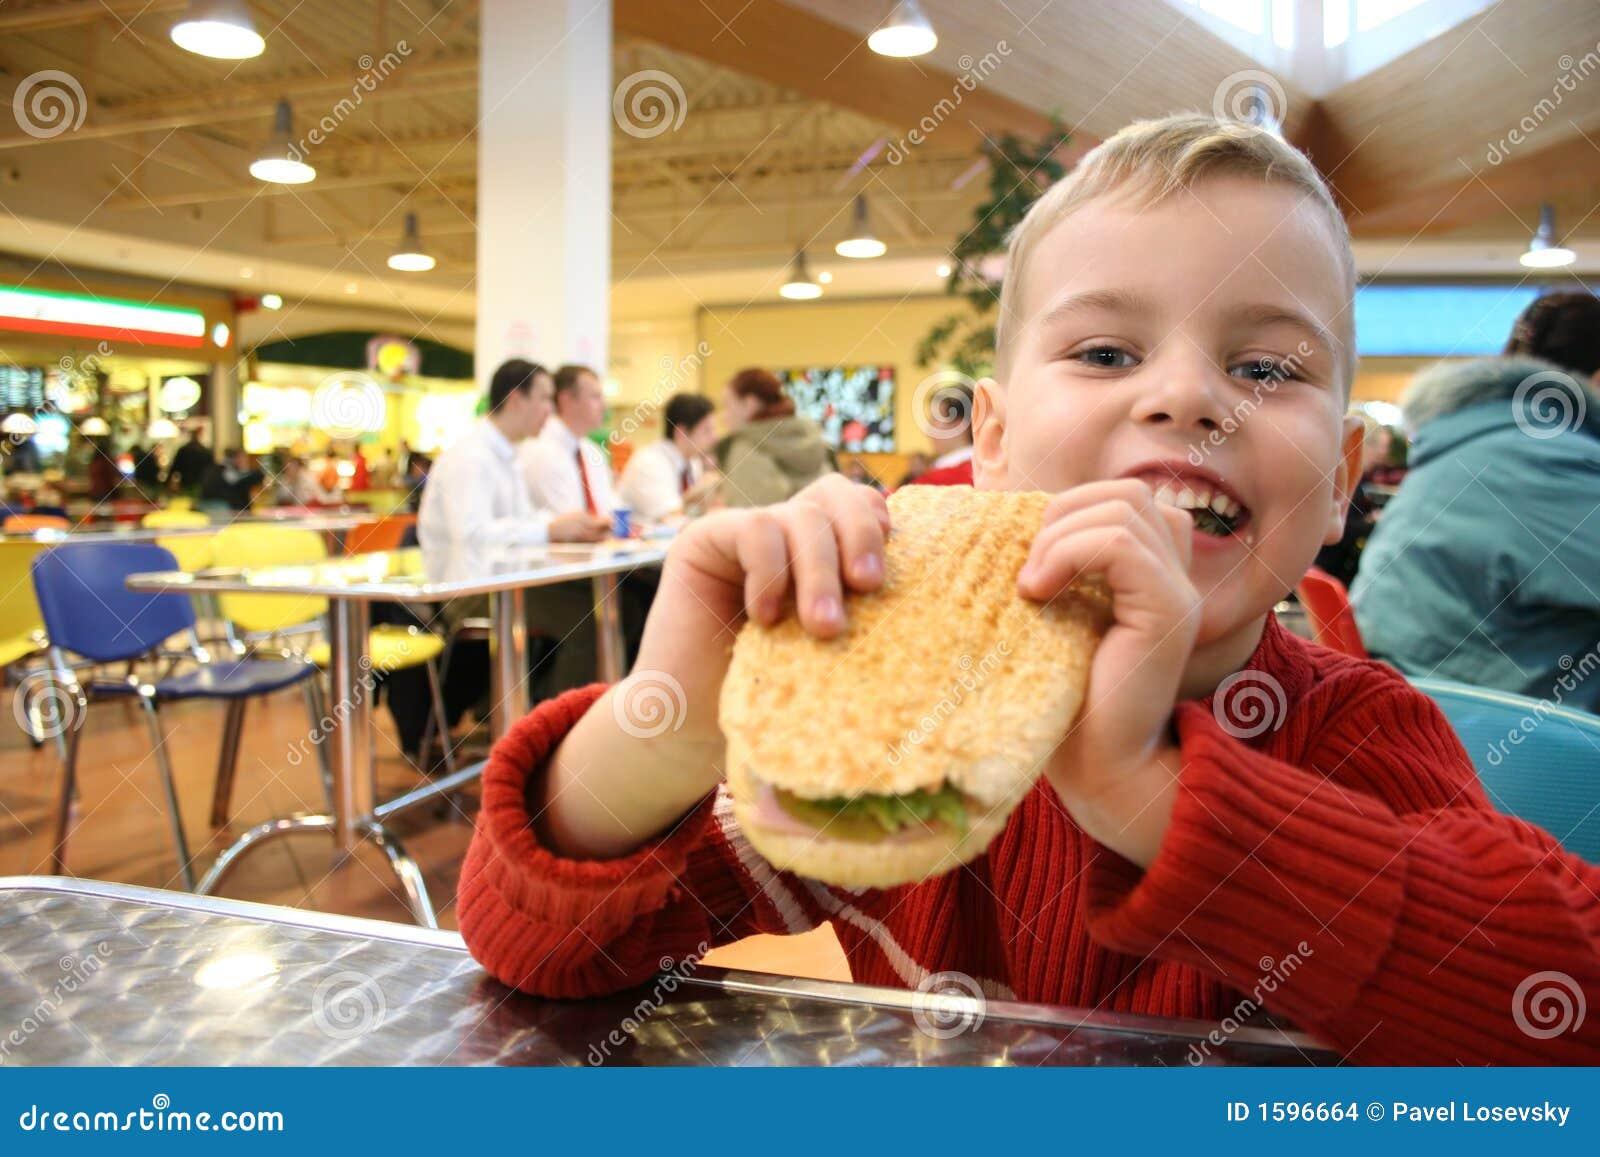 ребенок бургера ест